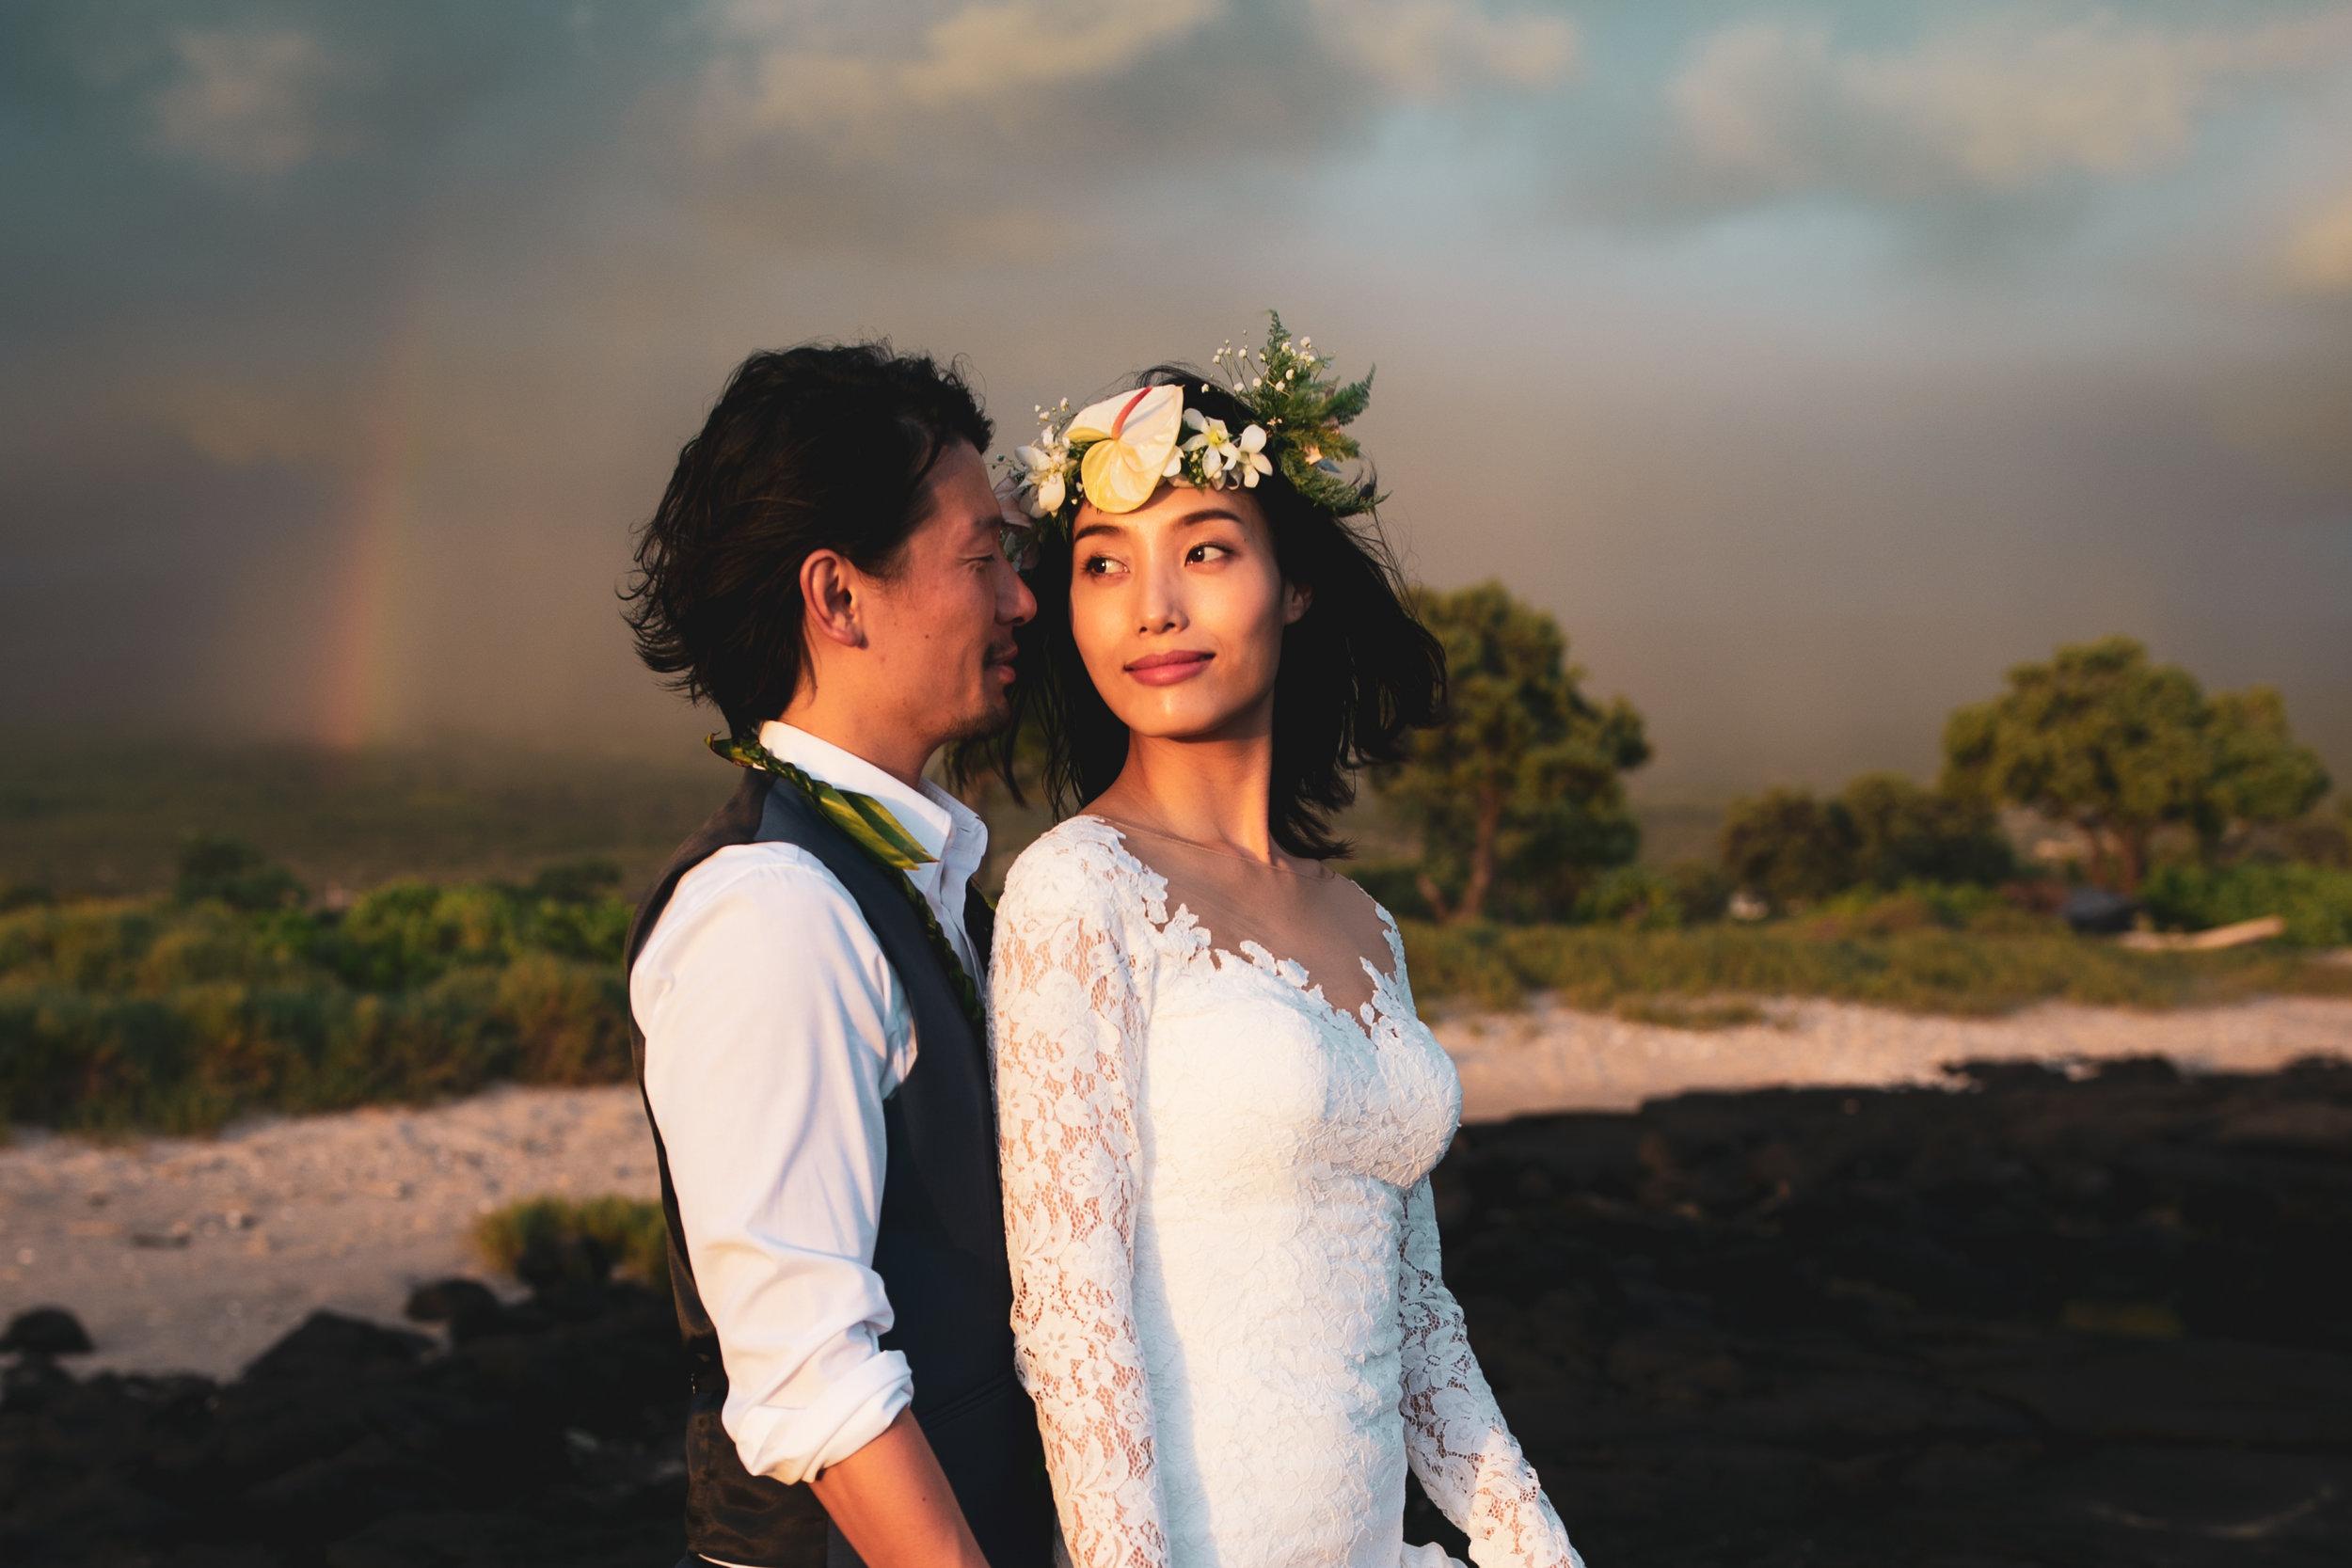 big island hawaii kelilina photography 20190711185542-1.jpg